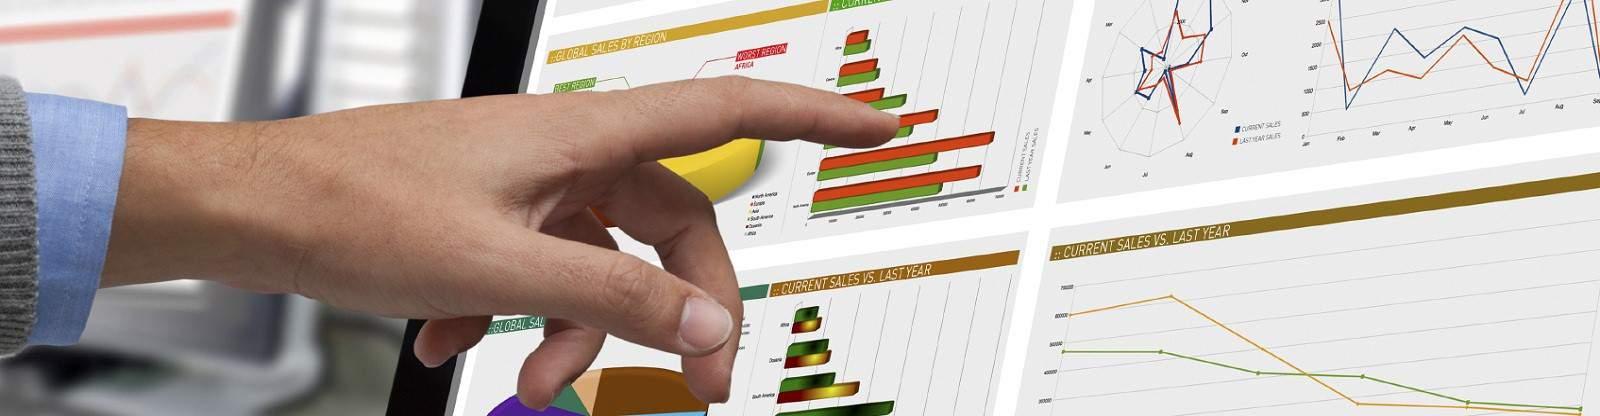 Анализ технологий: с чего начать работу над патентным ландшафтом - 1